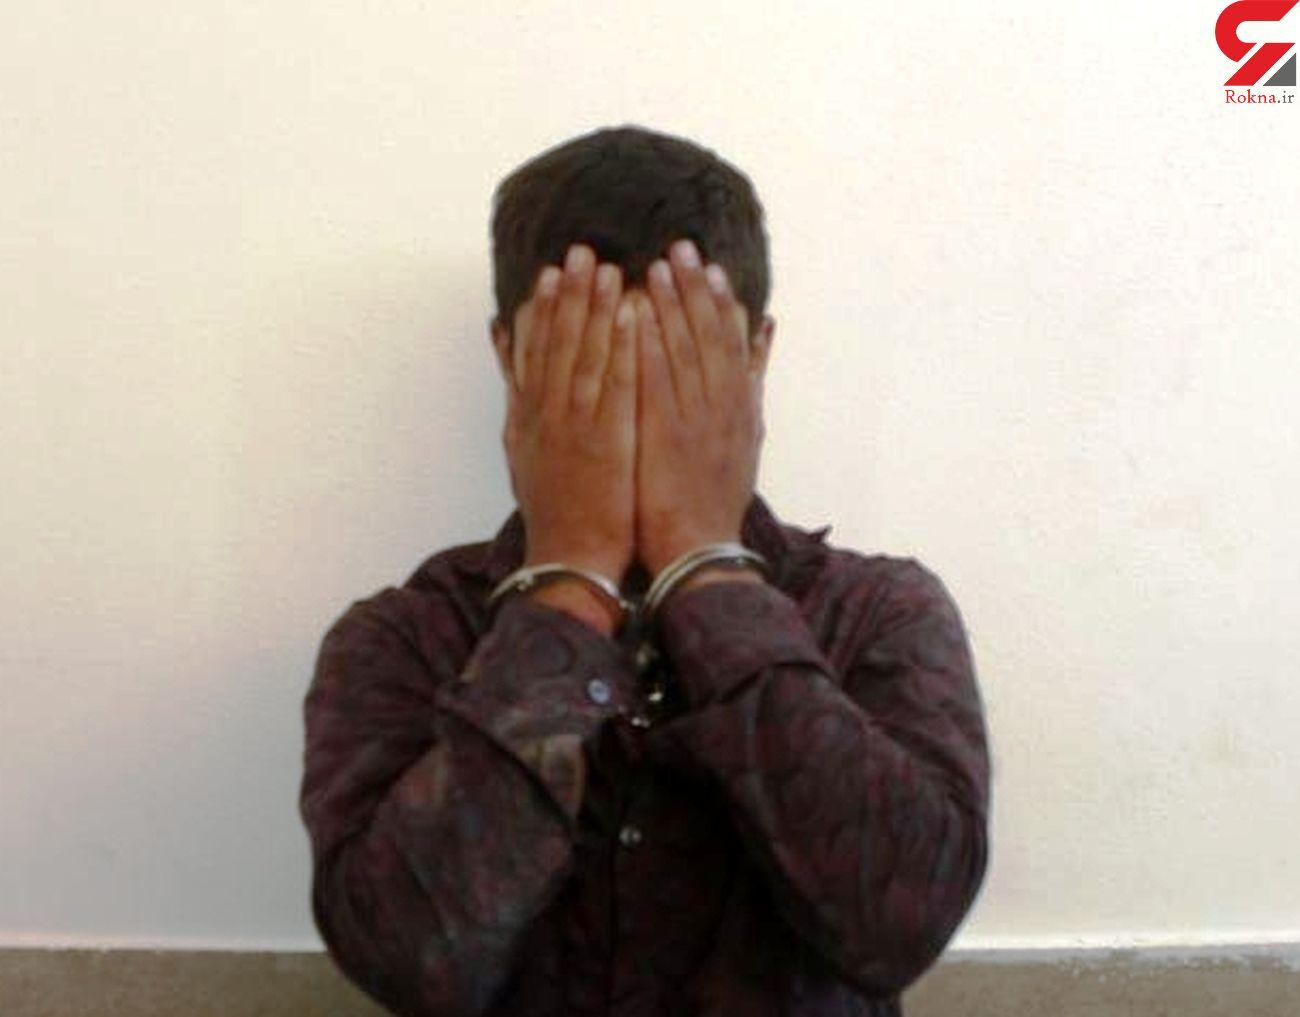 دستگیری سارق بیمارستانی در اراک